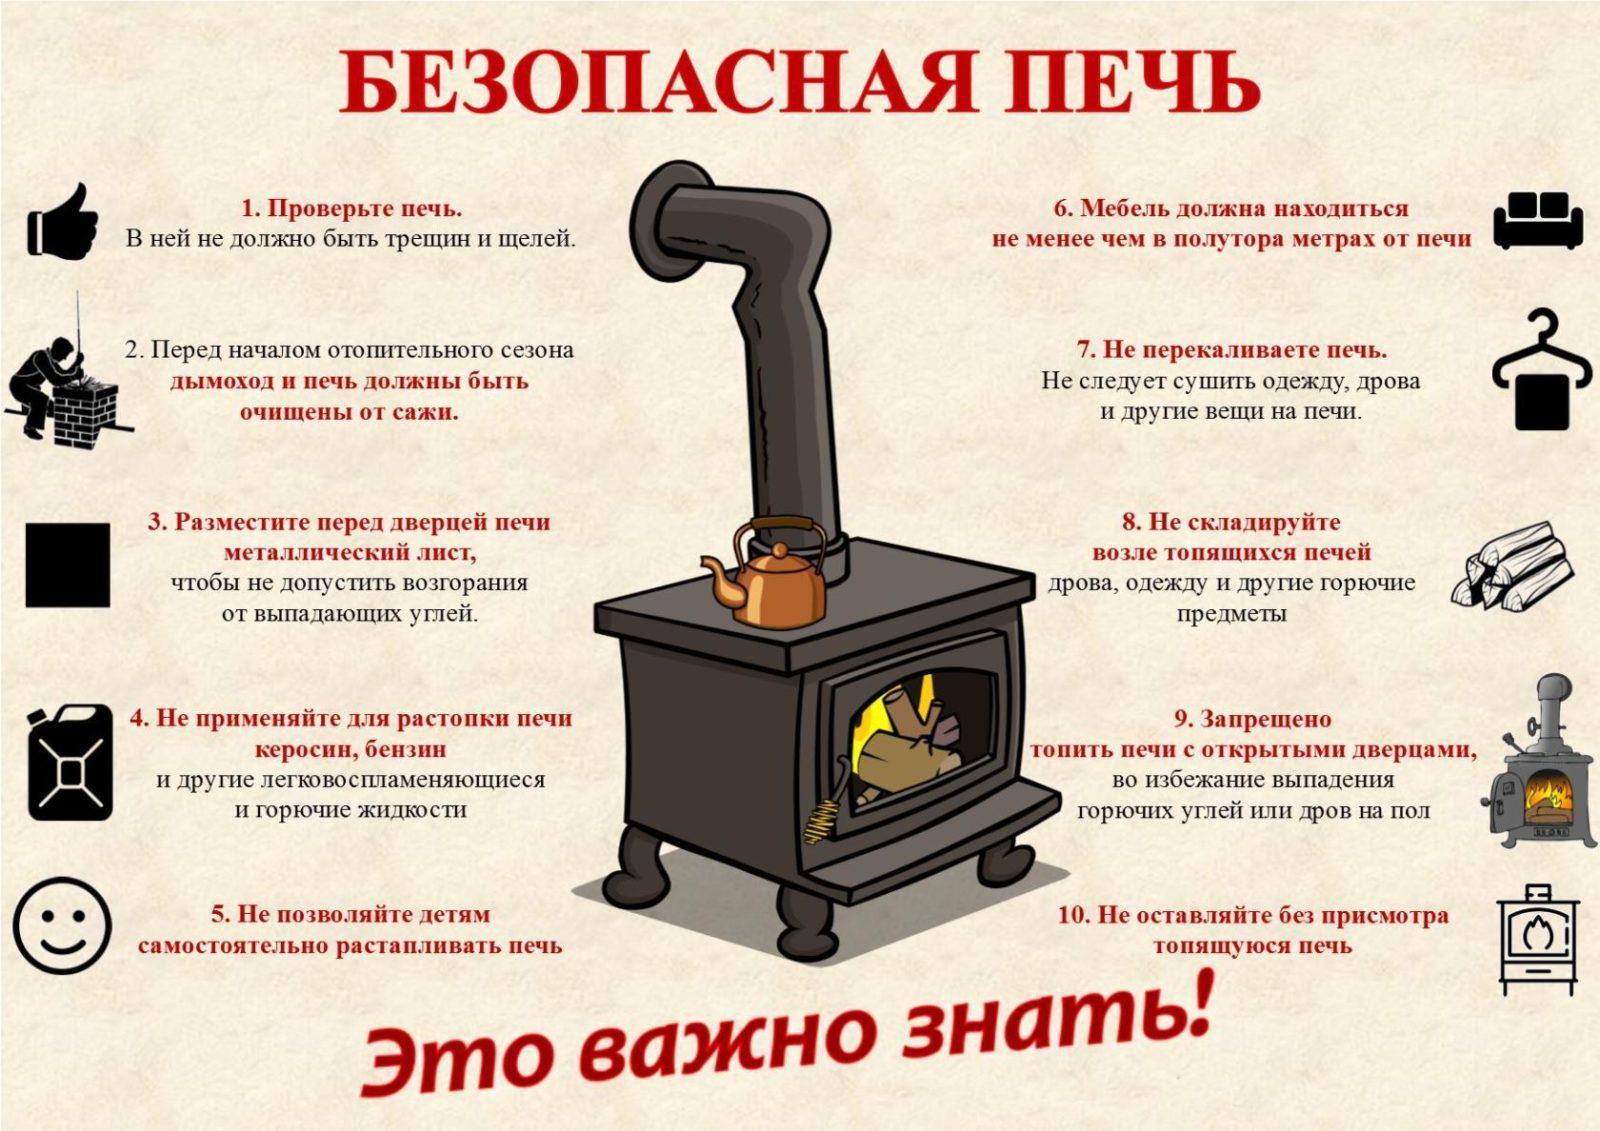 Пожарная безопасность при строительстве: здания, частного дома или бани